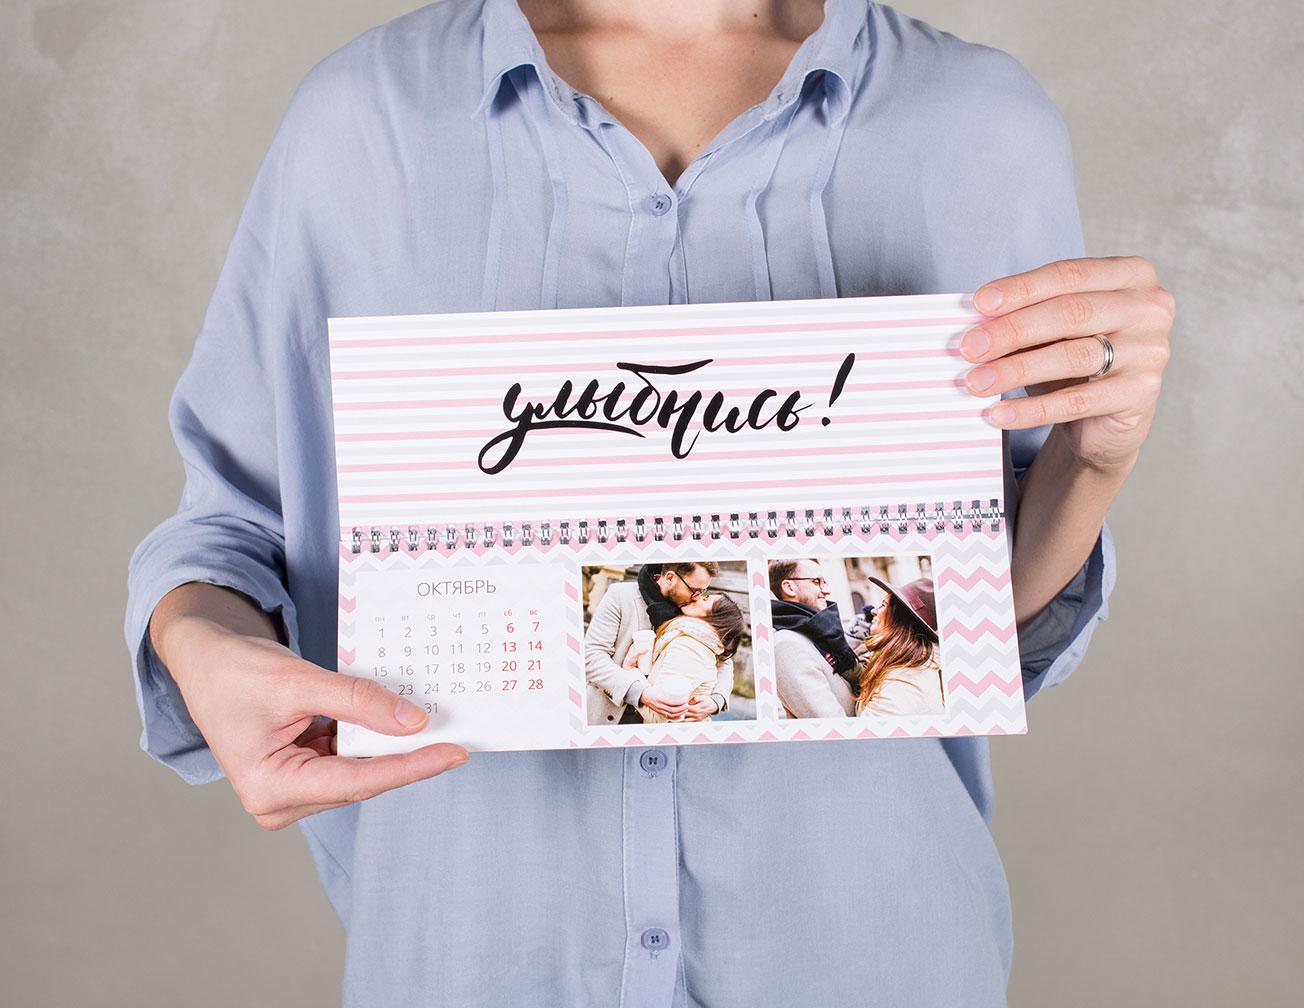 Печать настольных календарей 15х15, 21:15, 30:20: изготовление на заказ в NetPrint